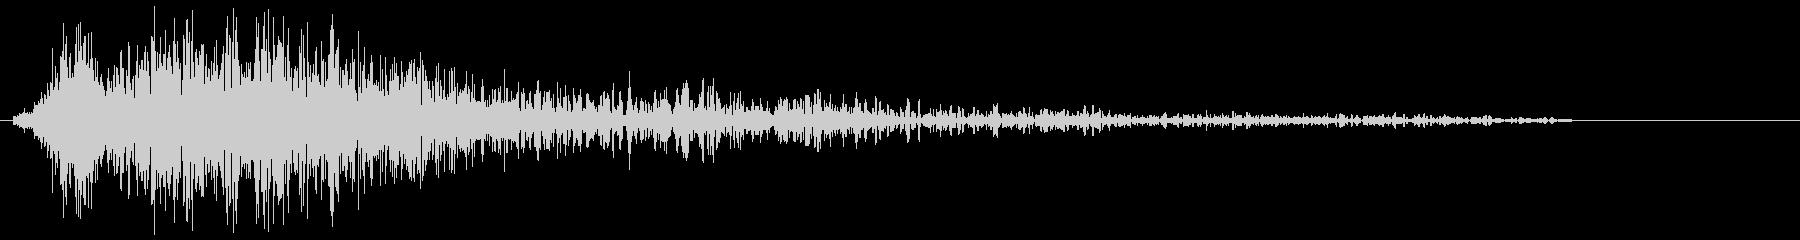 ギュルルーン (消失、退却の効果音)の未再生の波形